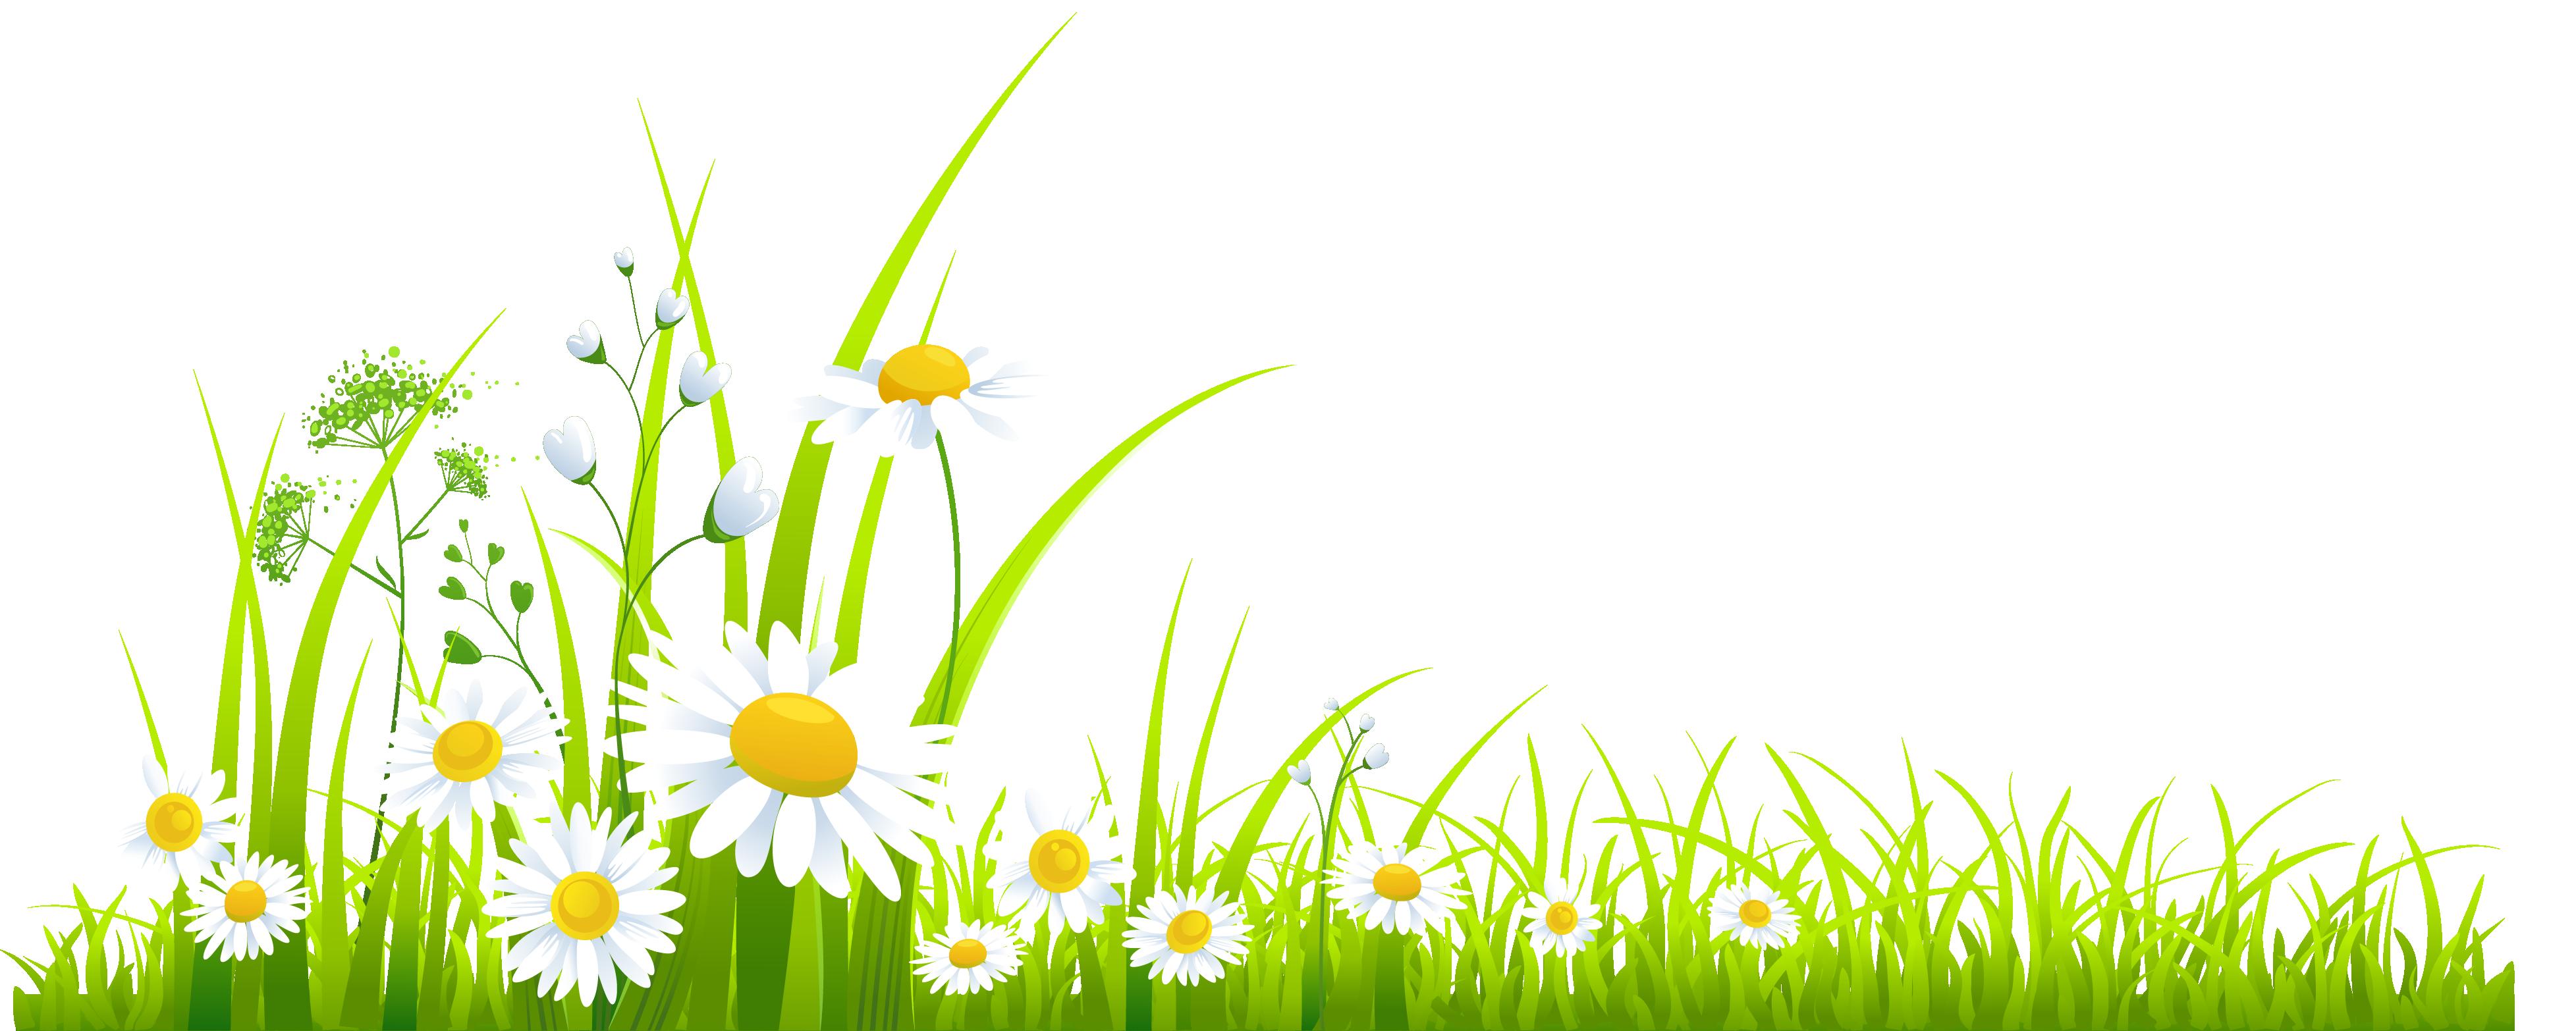 spring grass clipart [ 3911 x 1566 Pixel ]